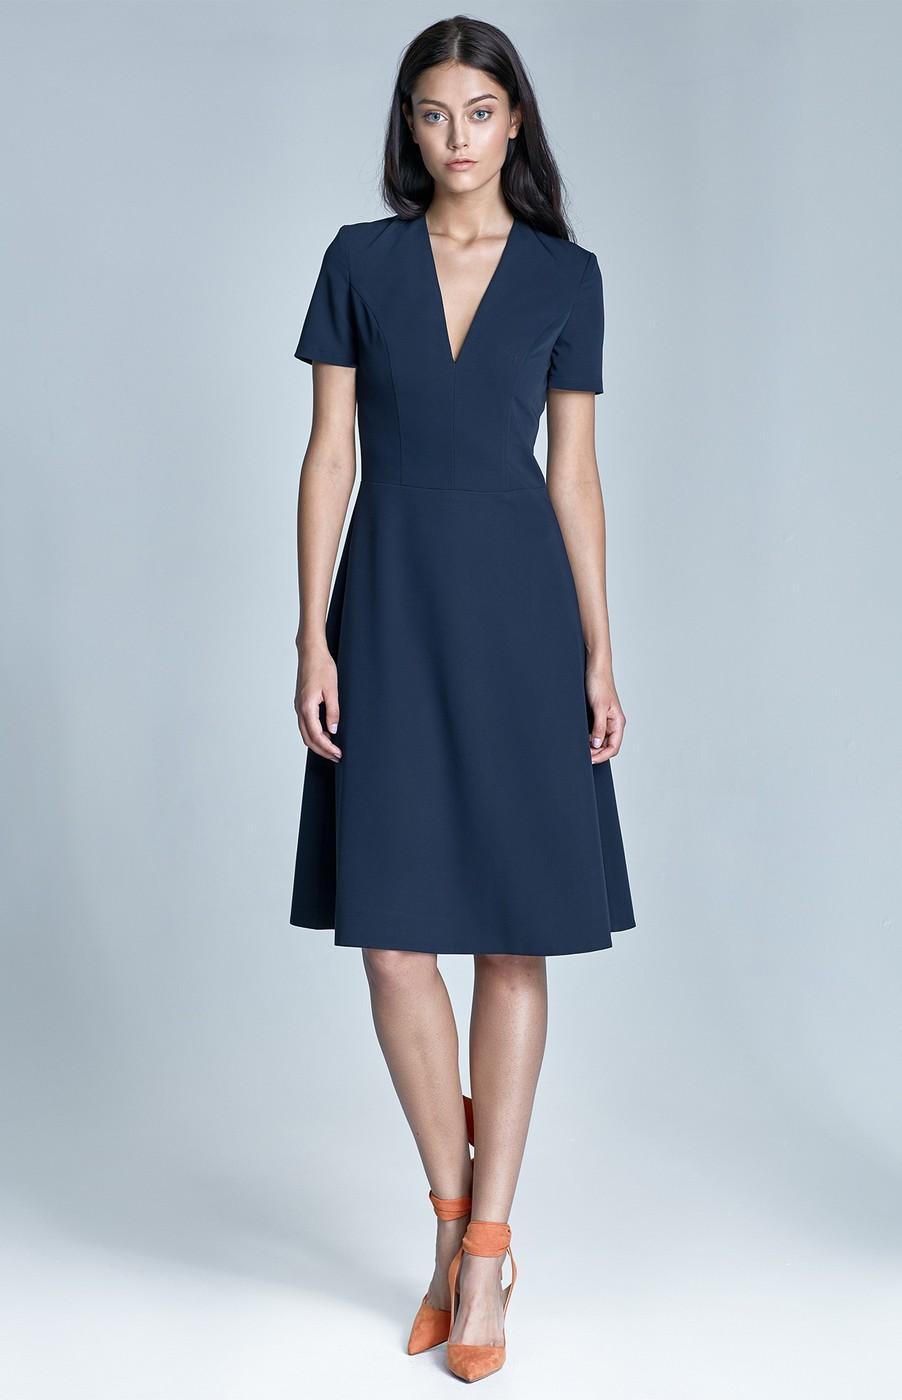 Petite robe bleu marine